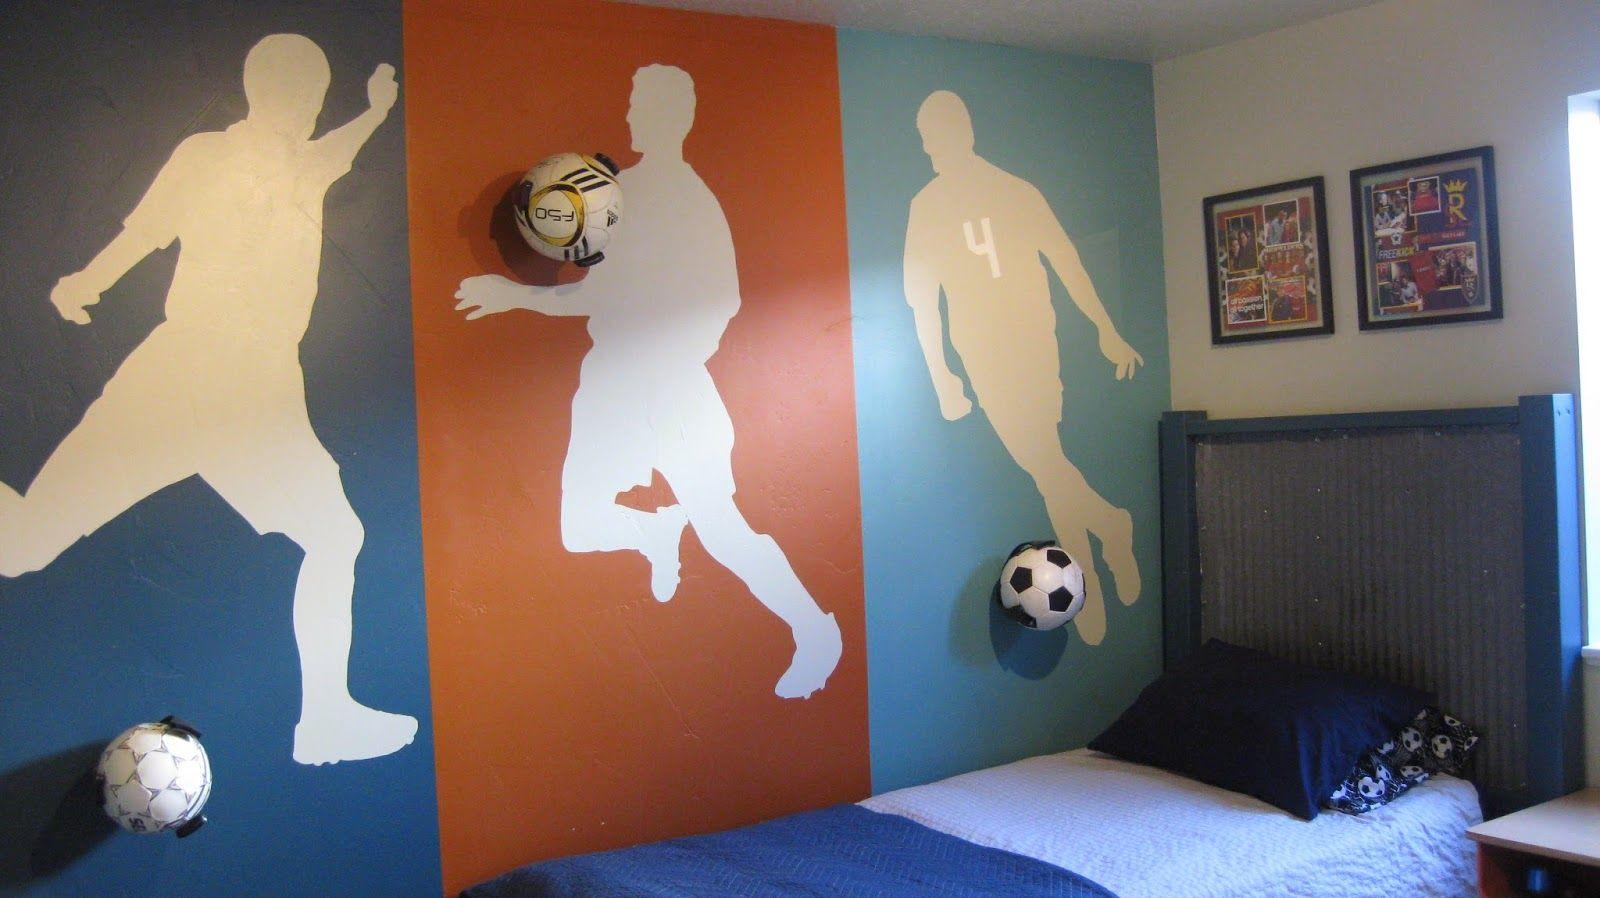 15 Cool Teenage Boy Room Ideas Bedrooms Room And Room Ideas